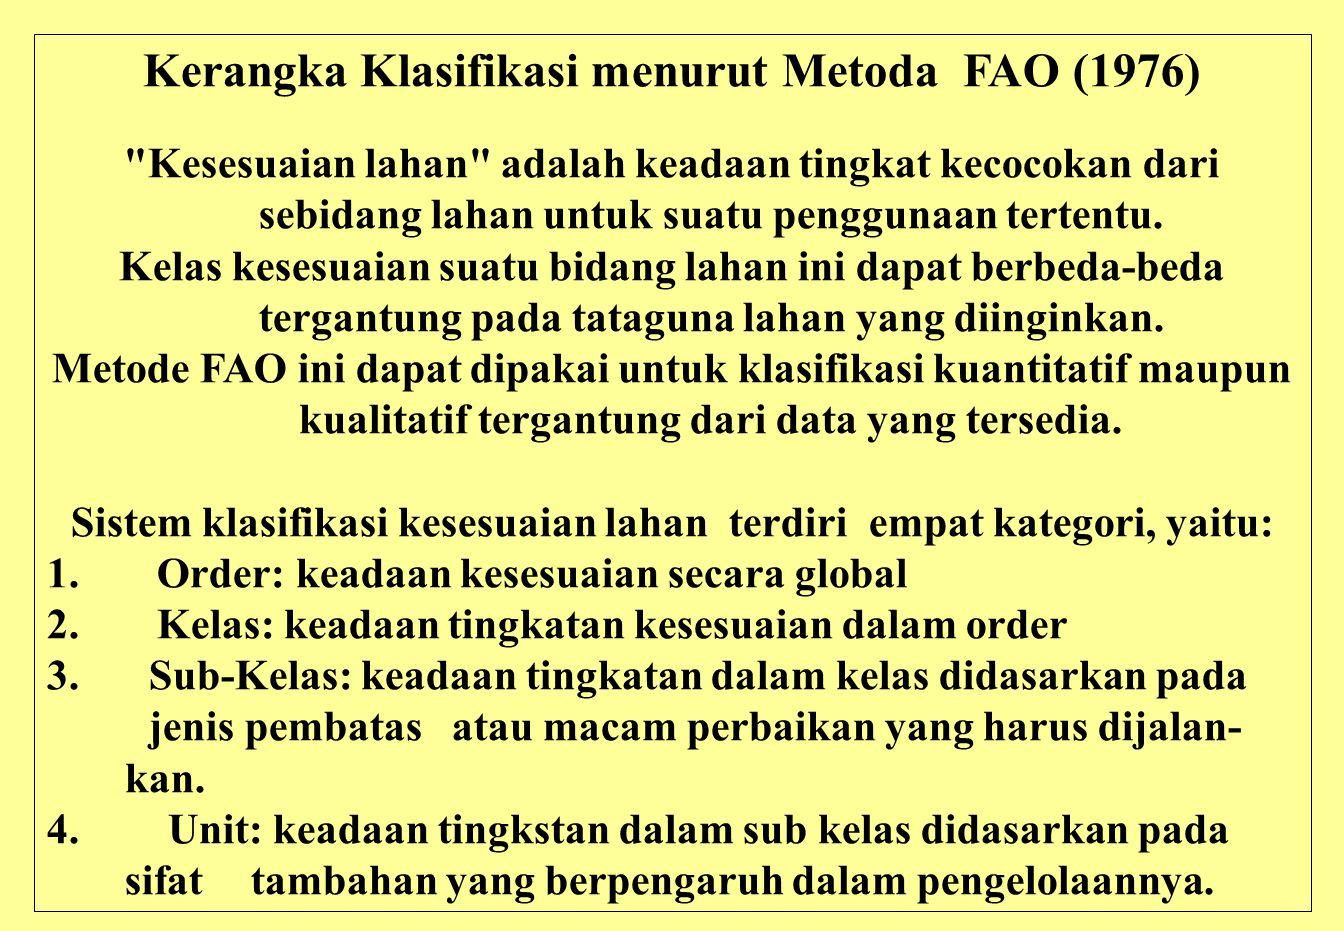 Kerangka Klasifikasi menurut Metoda FAO (1976)